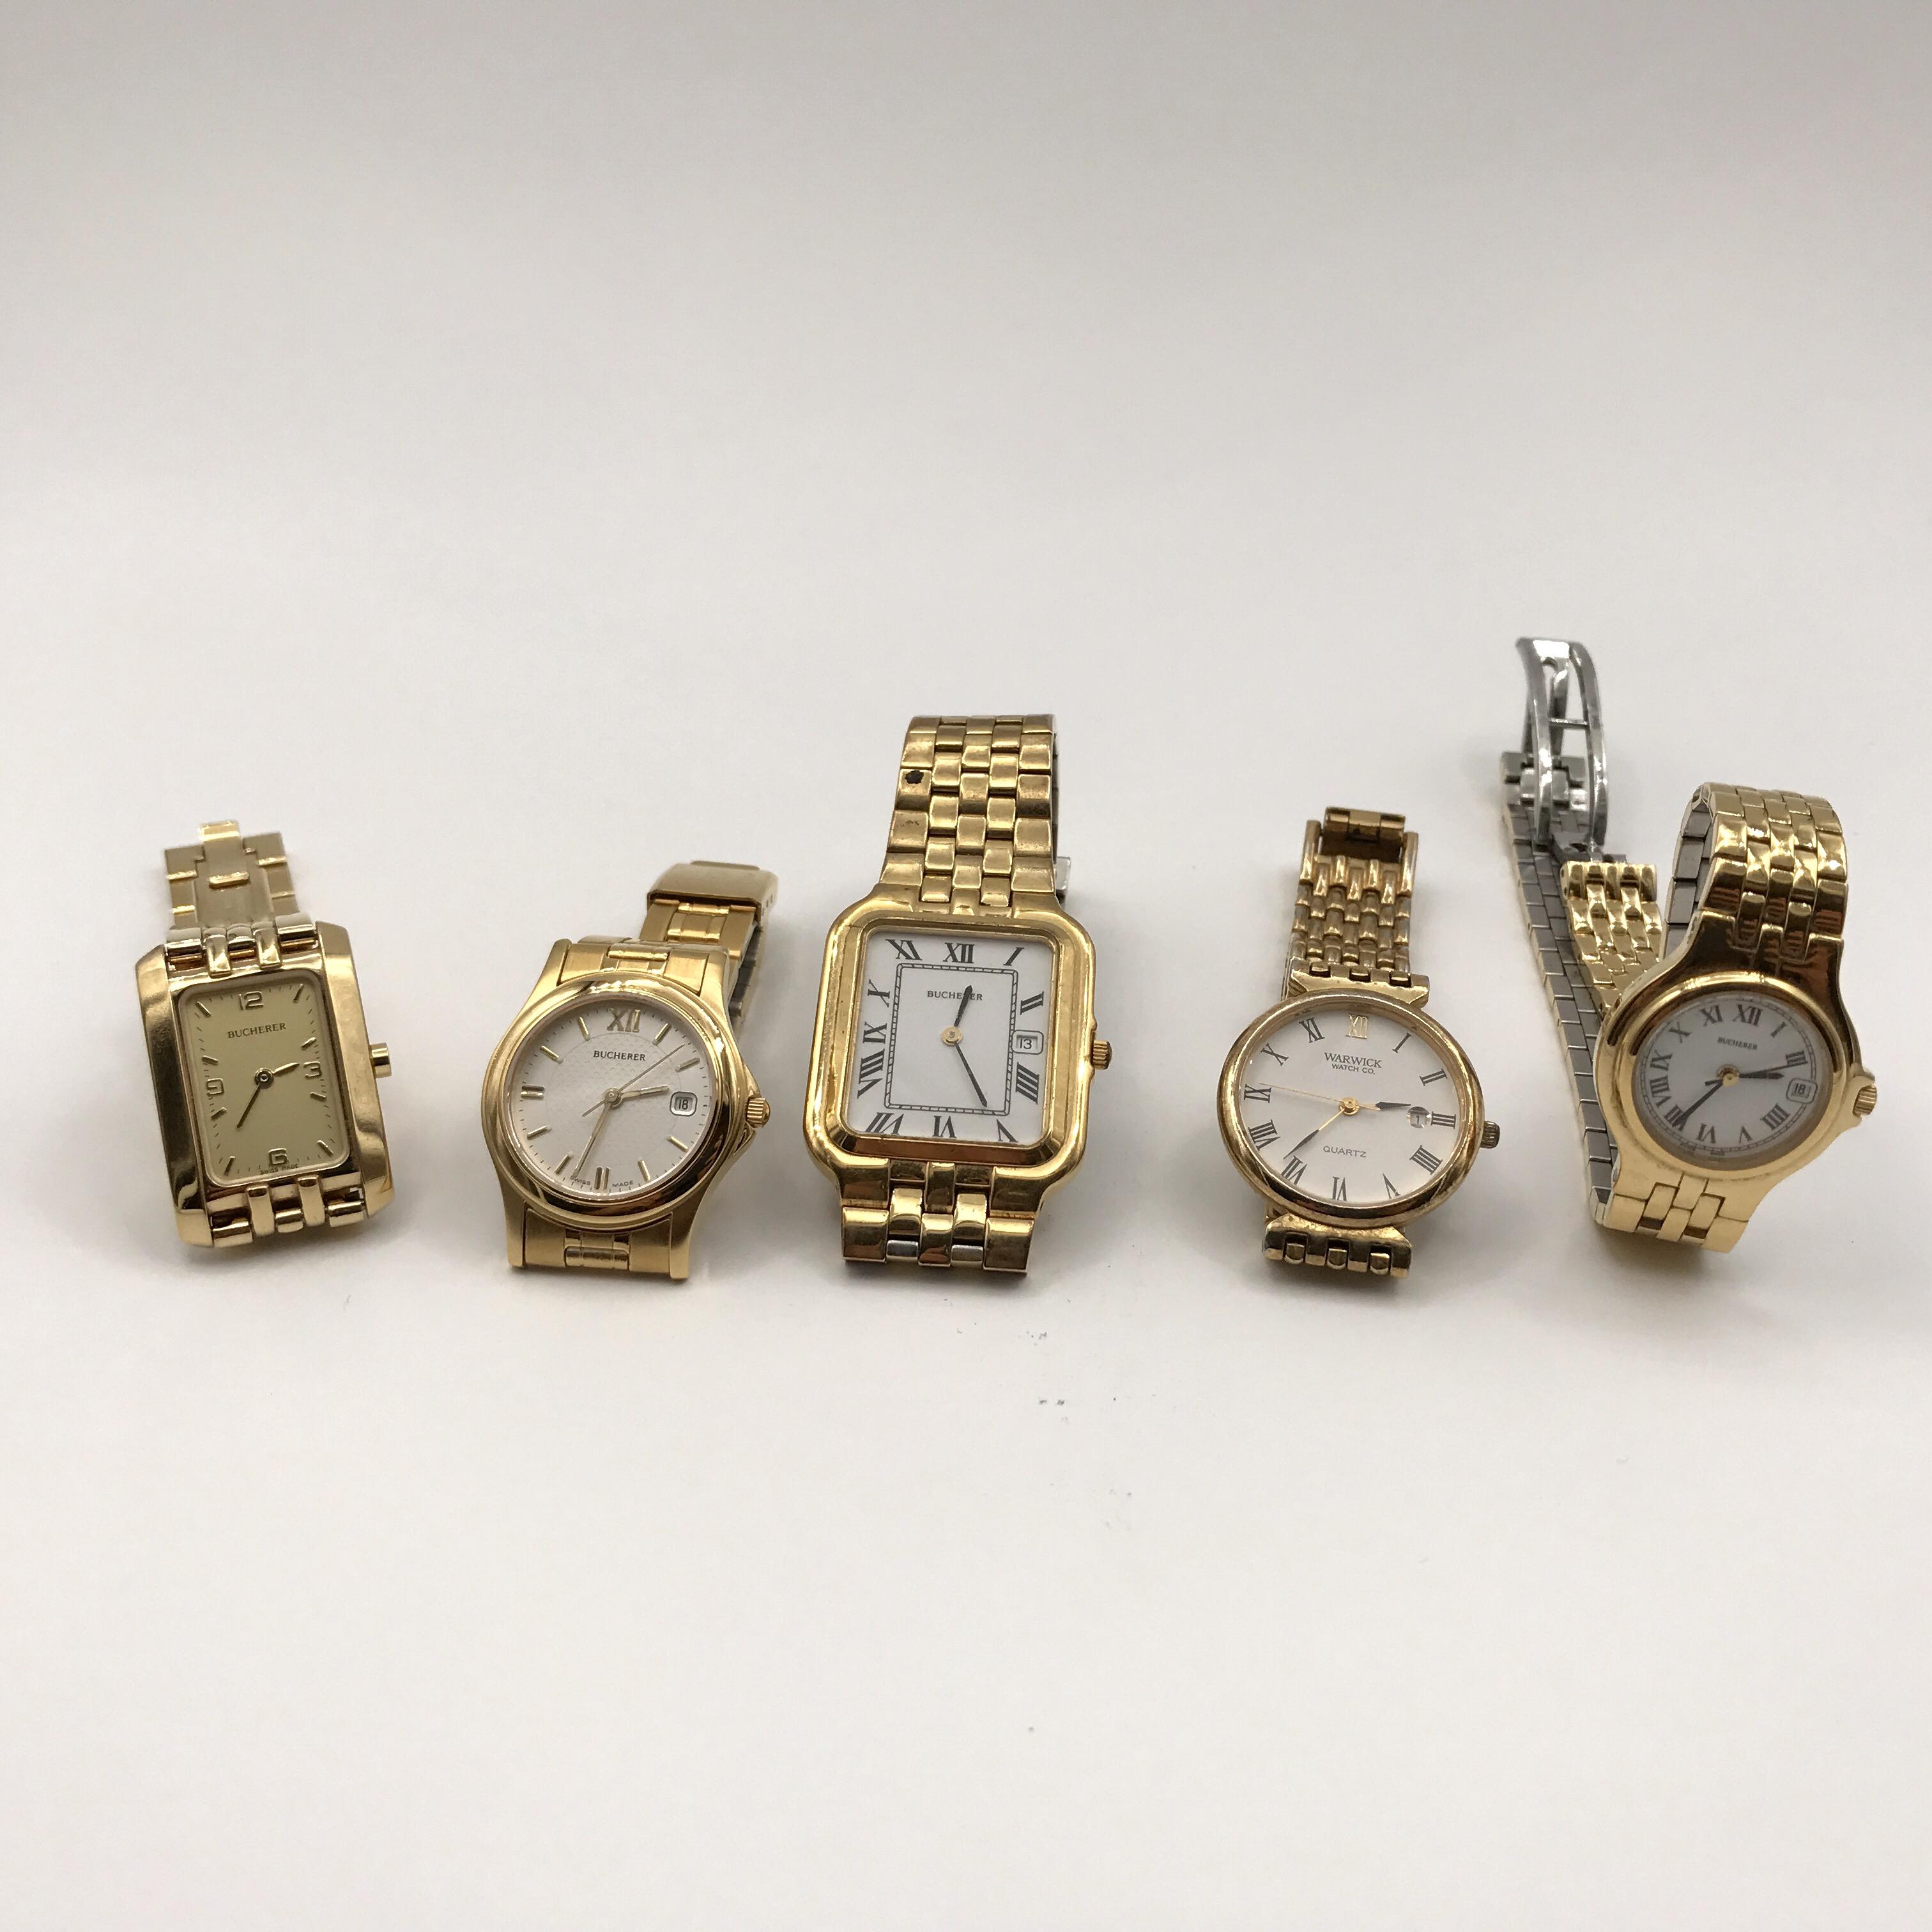 cinque orologi in metallo dorato